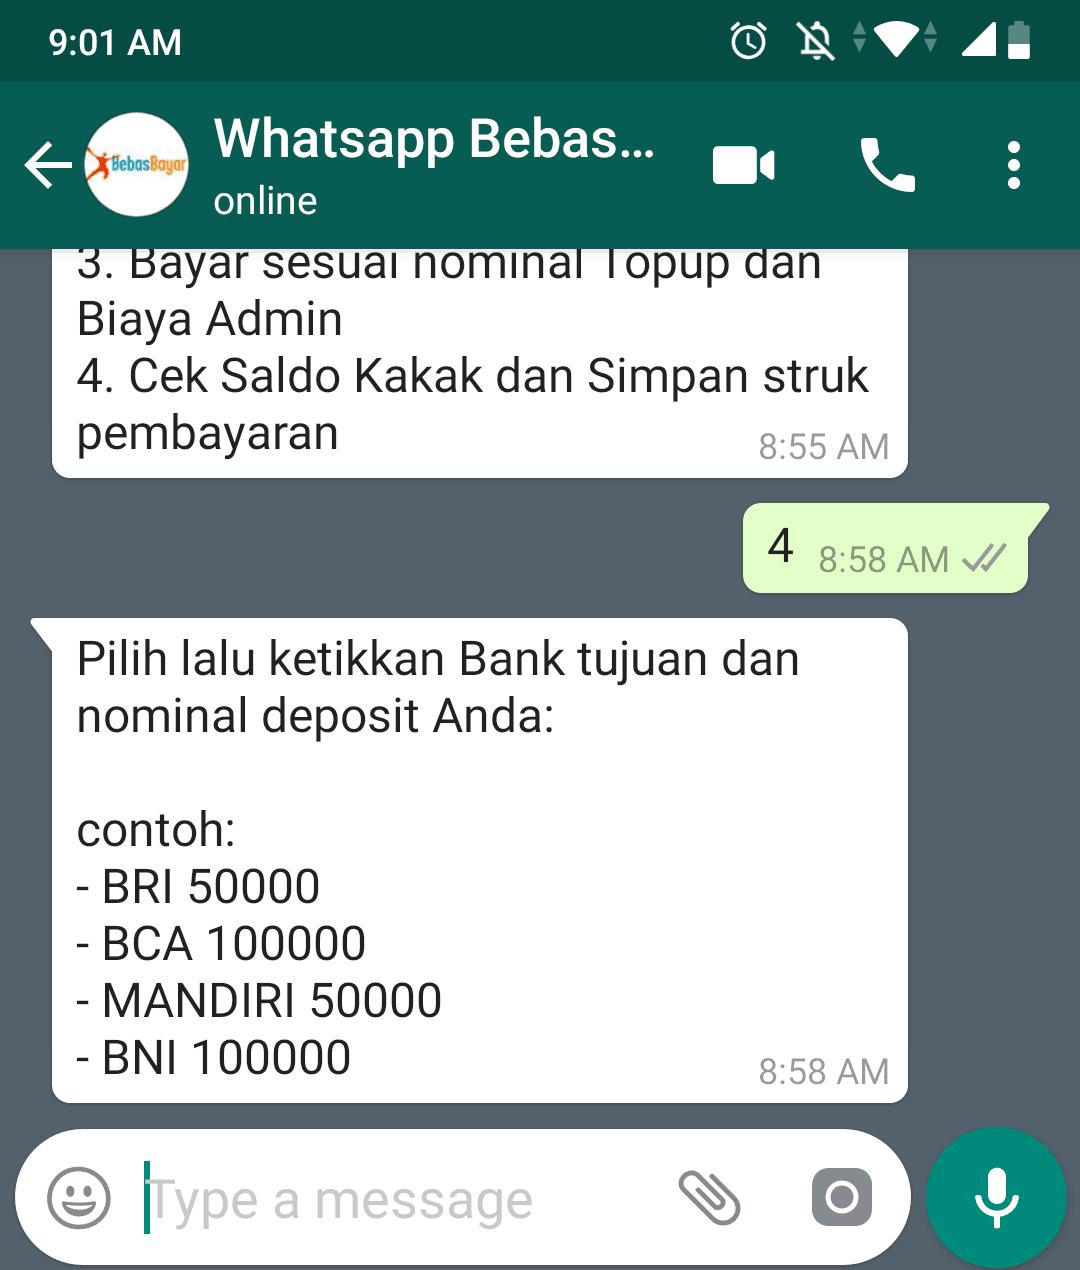 Fitur-Fitur Whatsapp Center 3